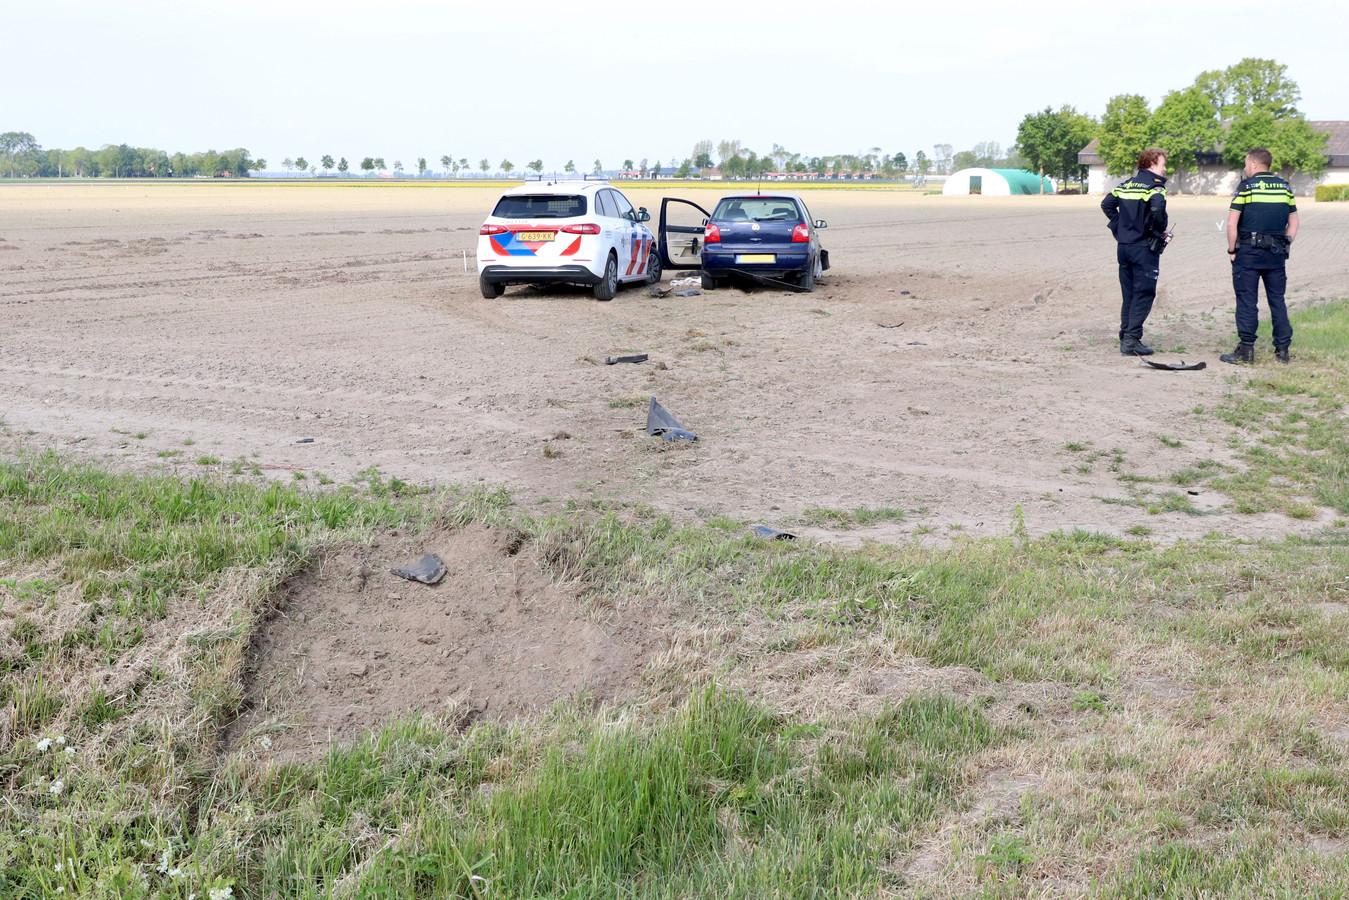 De politieagenten praten tevreden na. De vluchtende automaniak is gepakt.